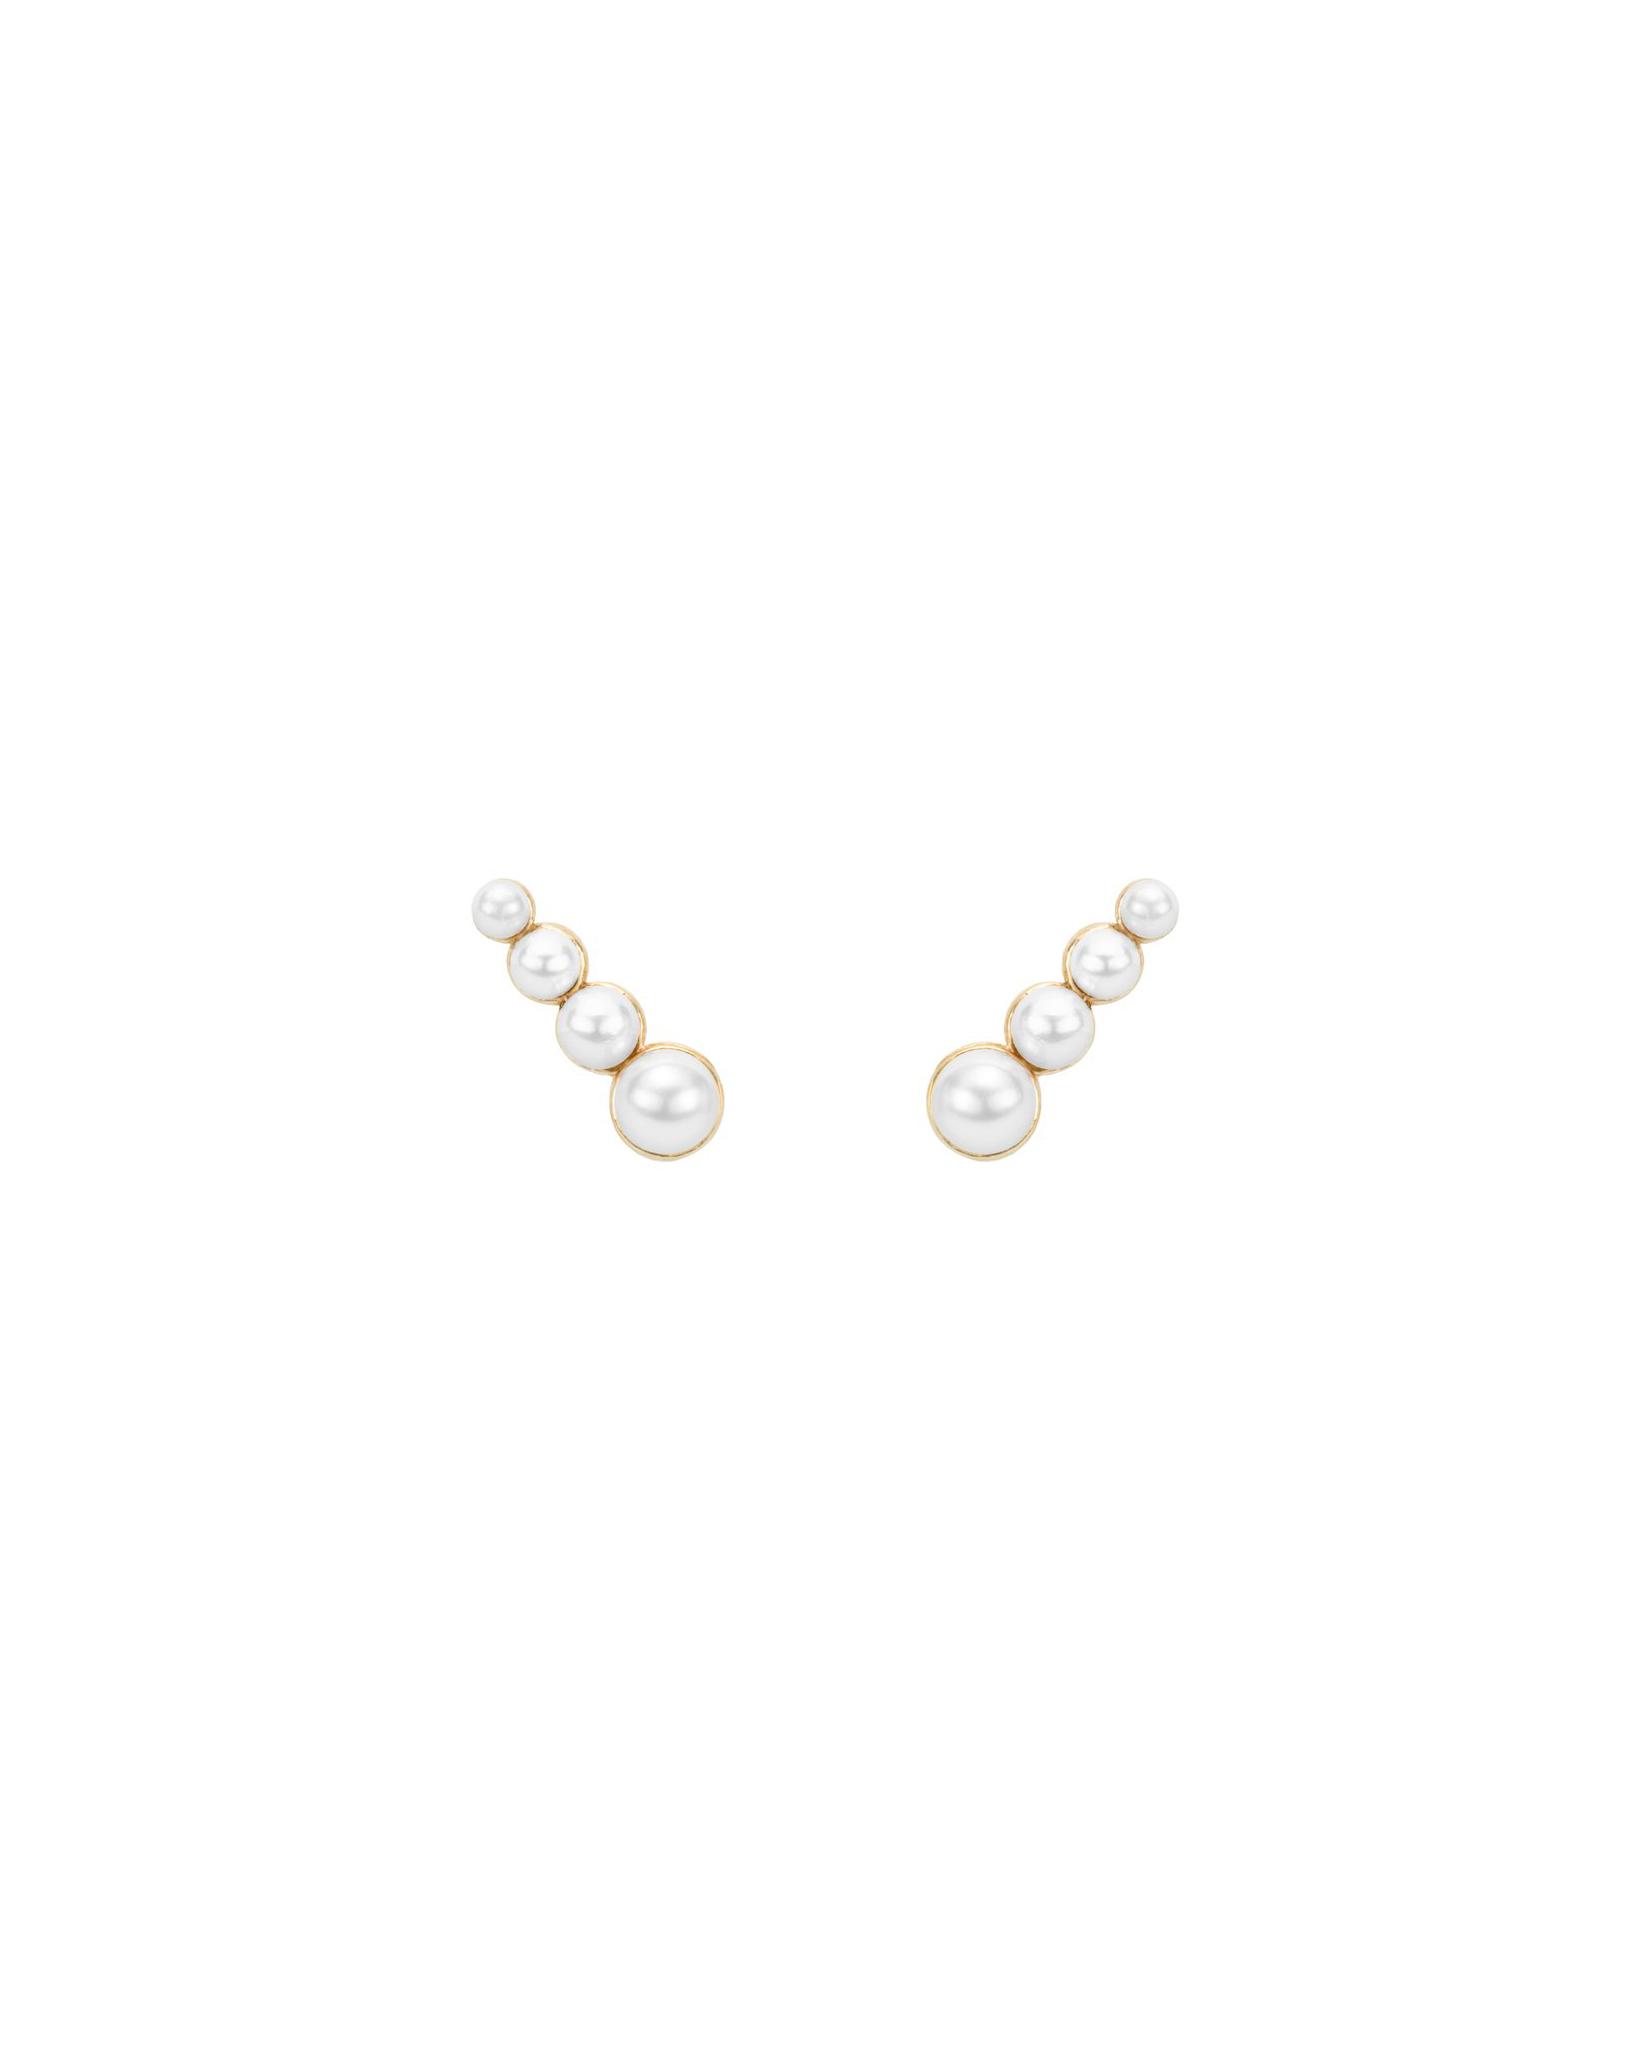 pearl wedding earrings hortense 4 pearls